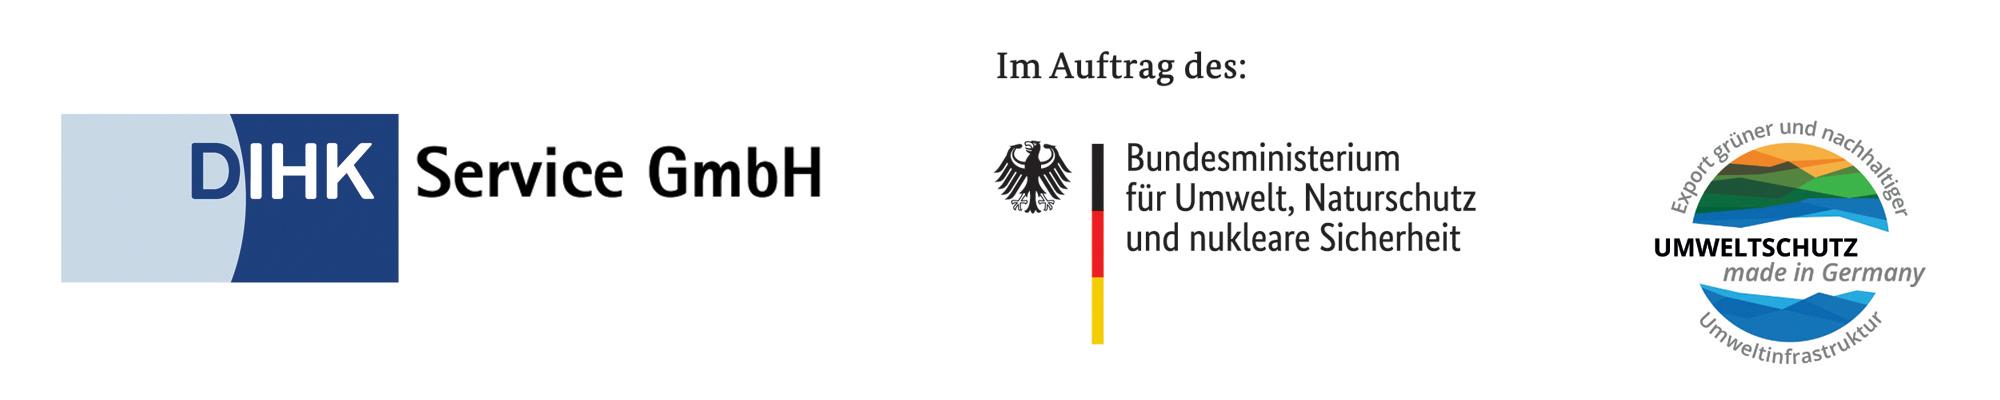 Logos Service GmbH GreenTech Footer